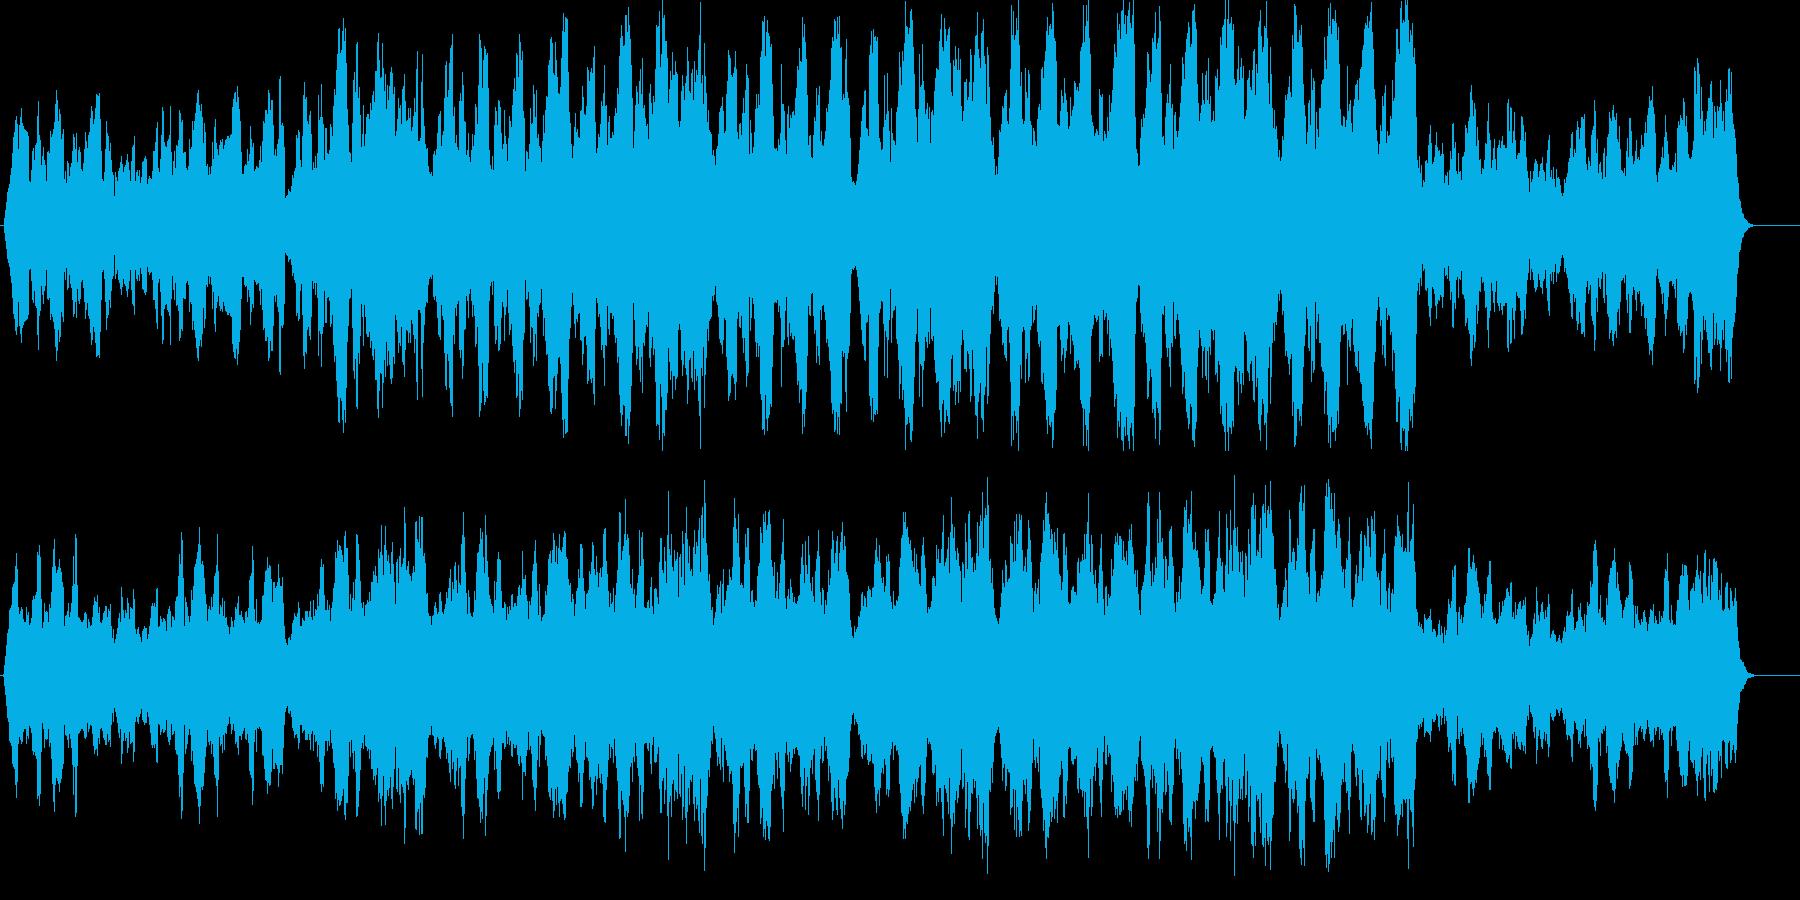 荘厳で上品な雰囲気のストリングス曲の再生済みの波形